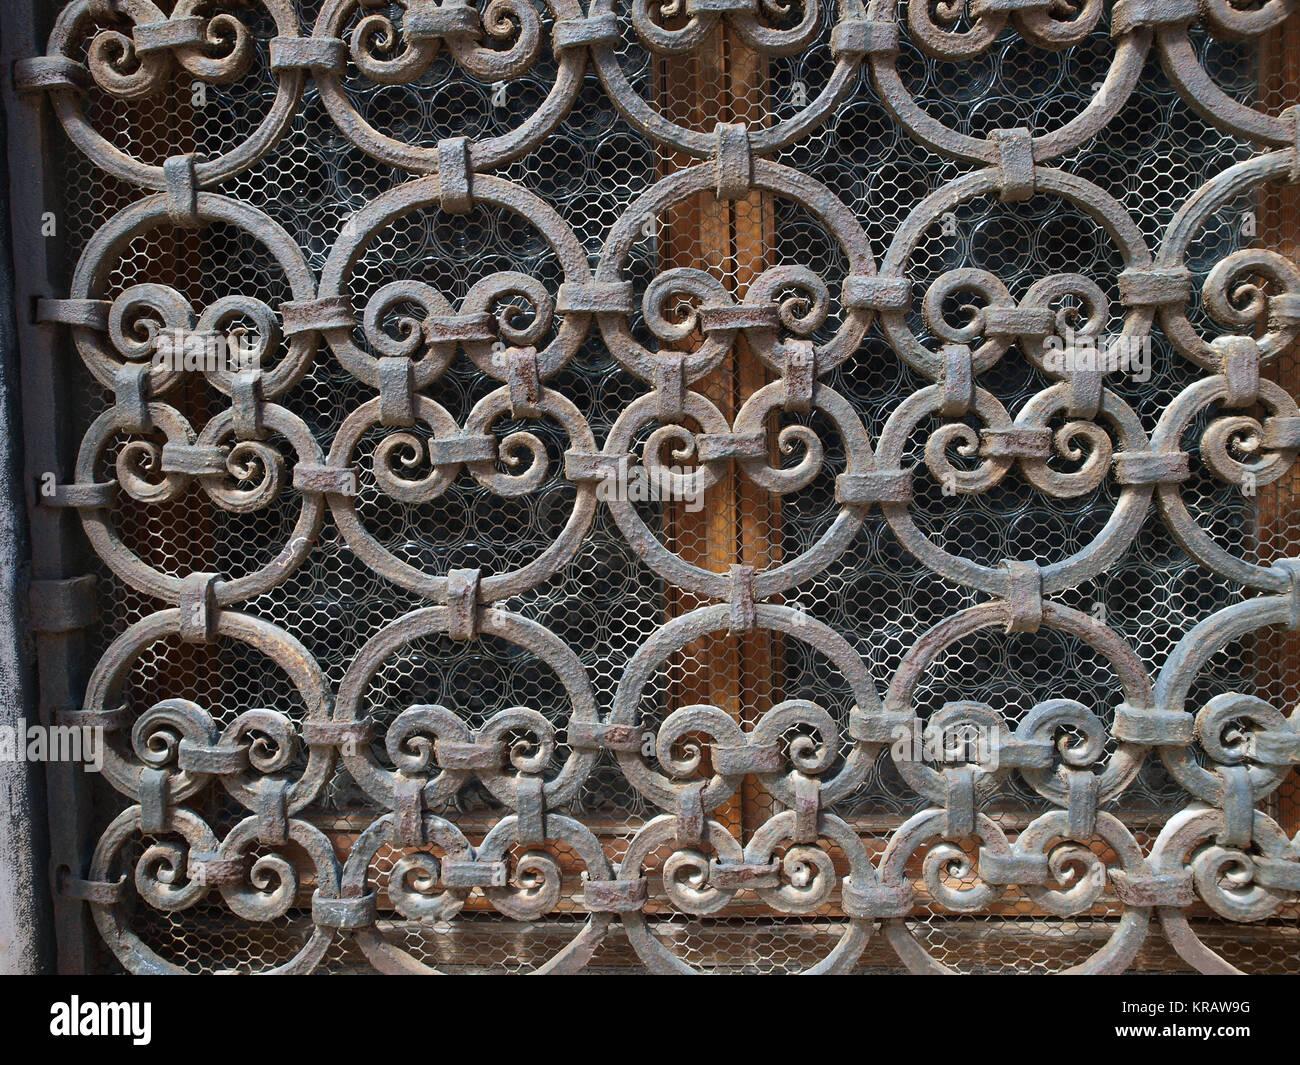 Gut gemocht Gitter Im Fenster Stockfotos & Gitter Im Fenster Bilder - Alamy CS73